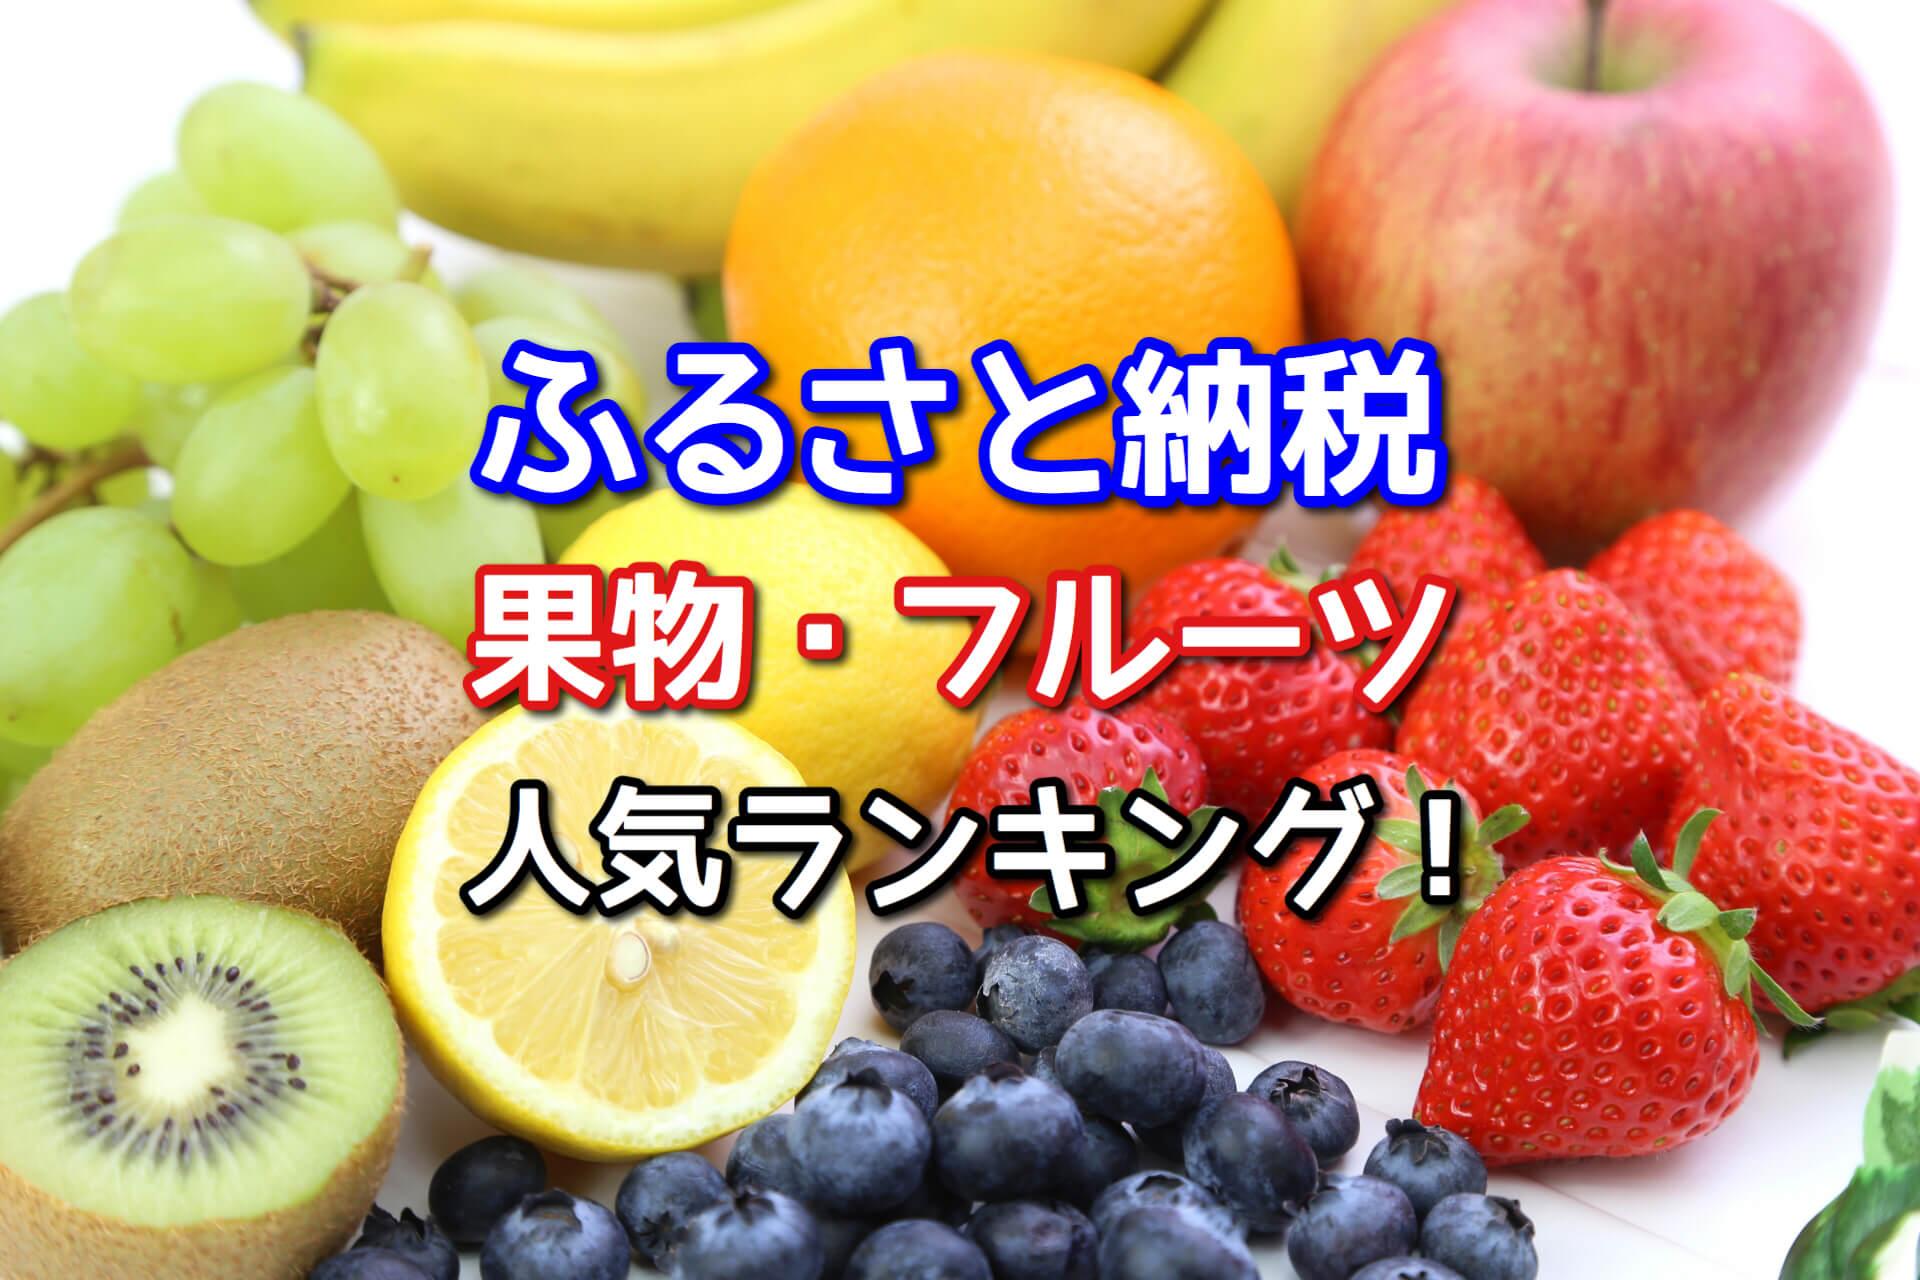 ふるさと納税果物・フルーツおすすめTOP20!人気ランキング【2018】